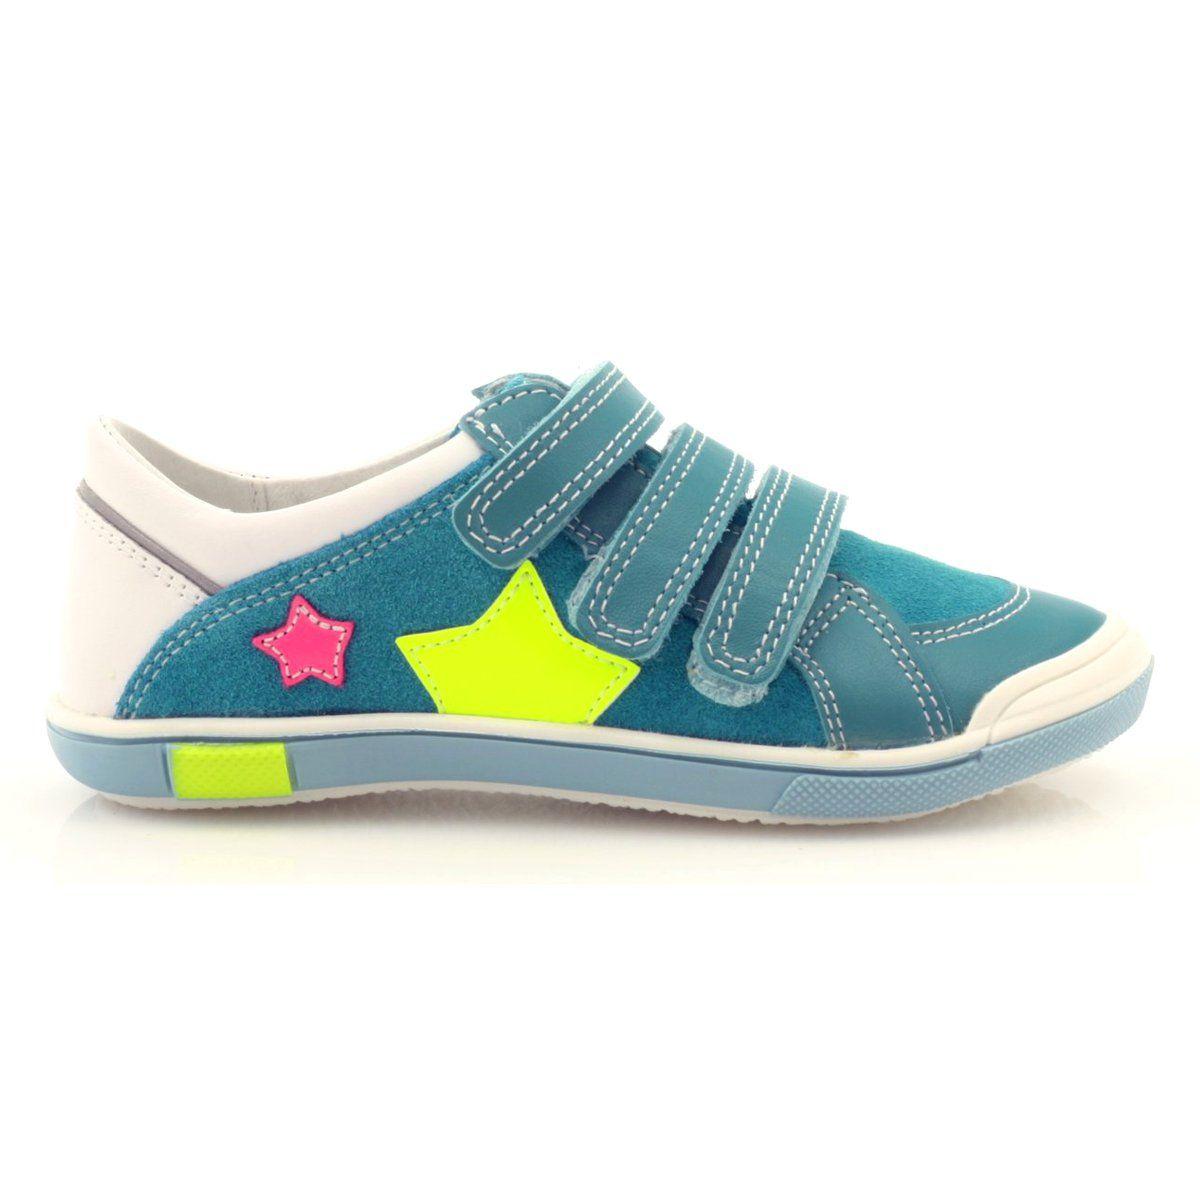 Polbuty Buty Dzieciece Na Rzepy Bartek 65421 Rozowe Zolte Niebieskie Biale Shoes Sneakers Fashion